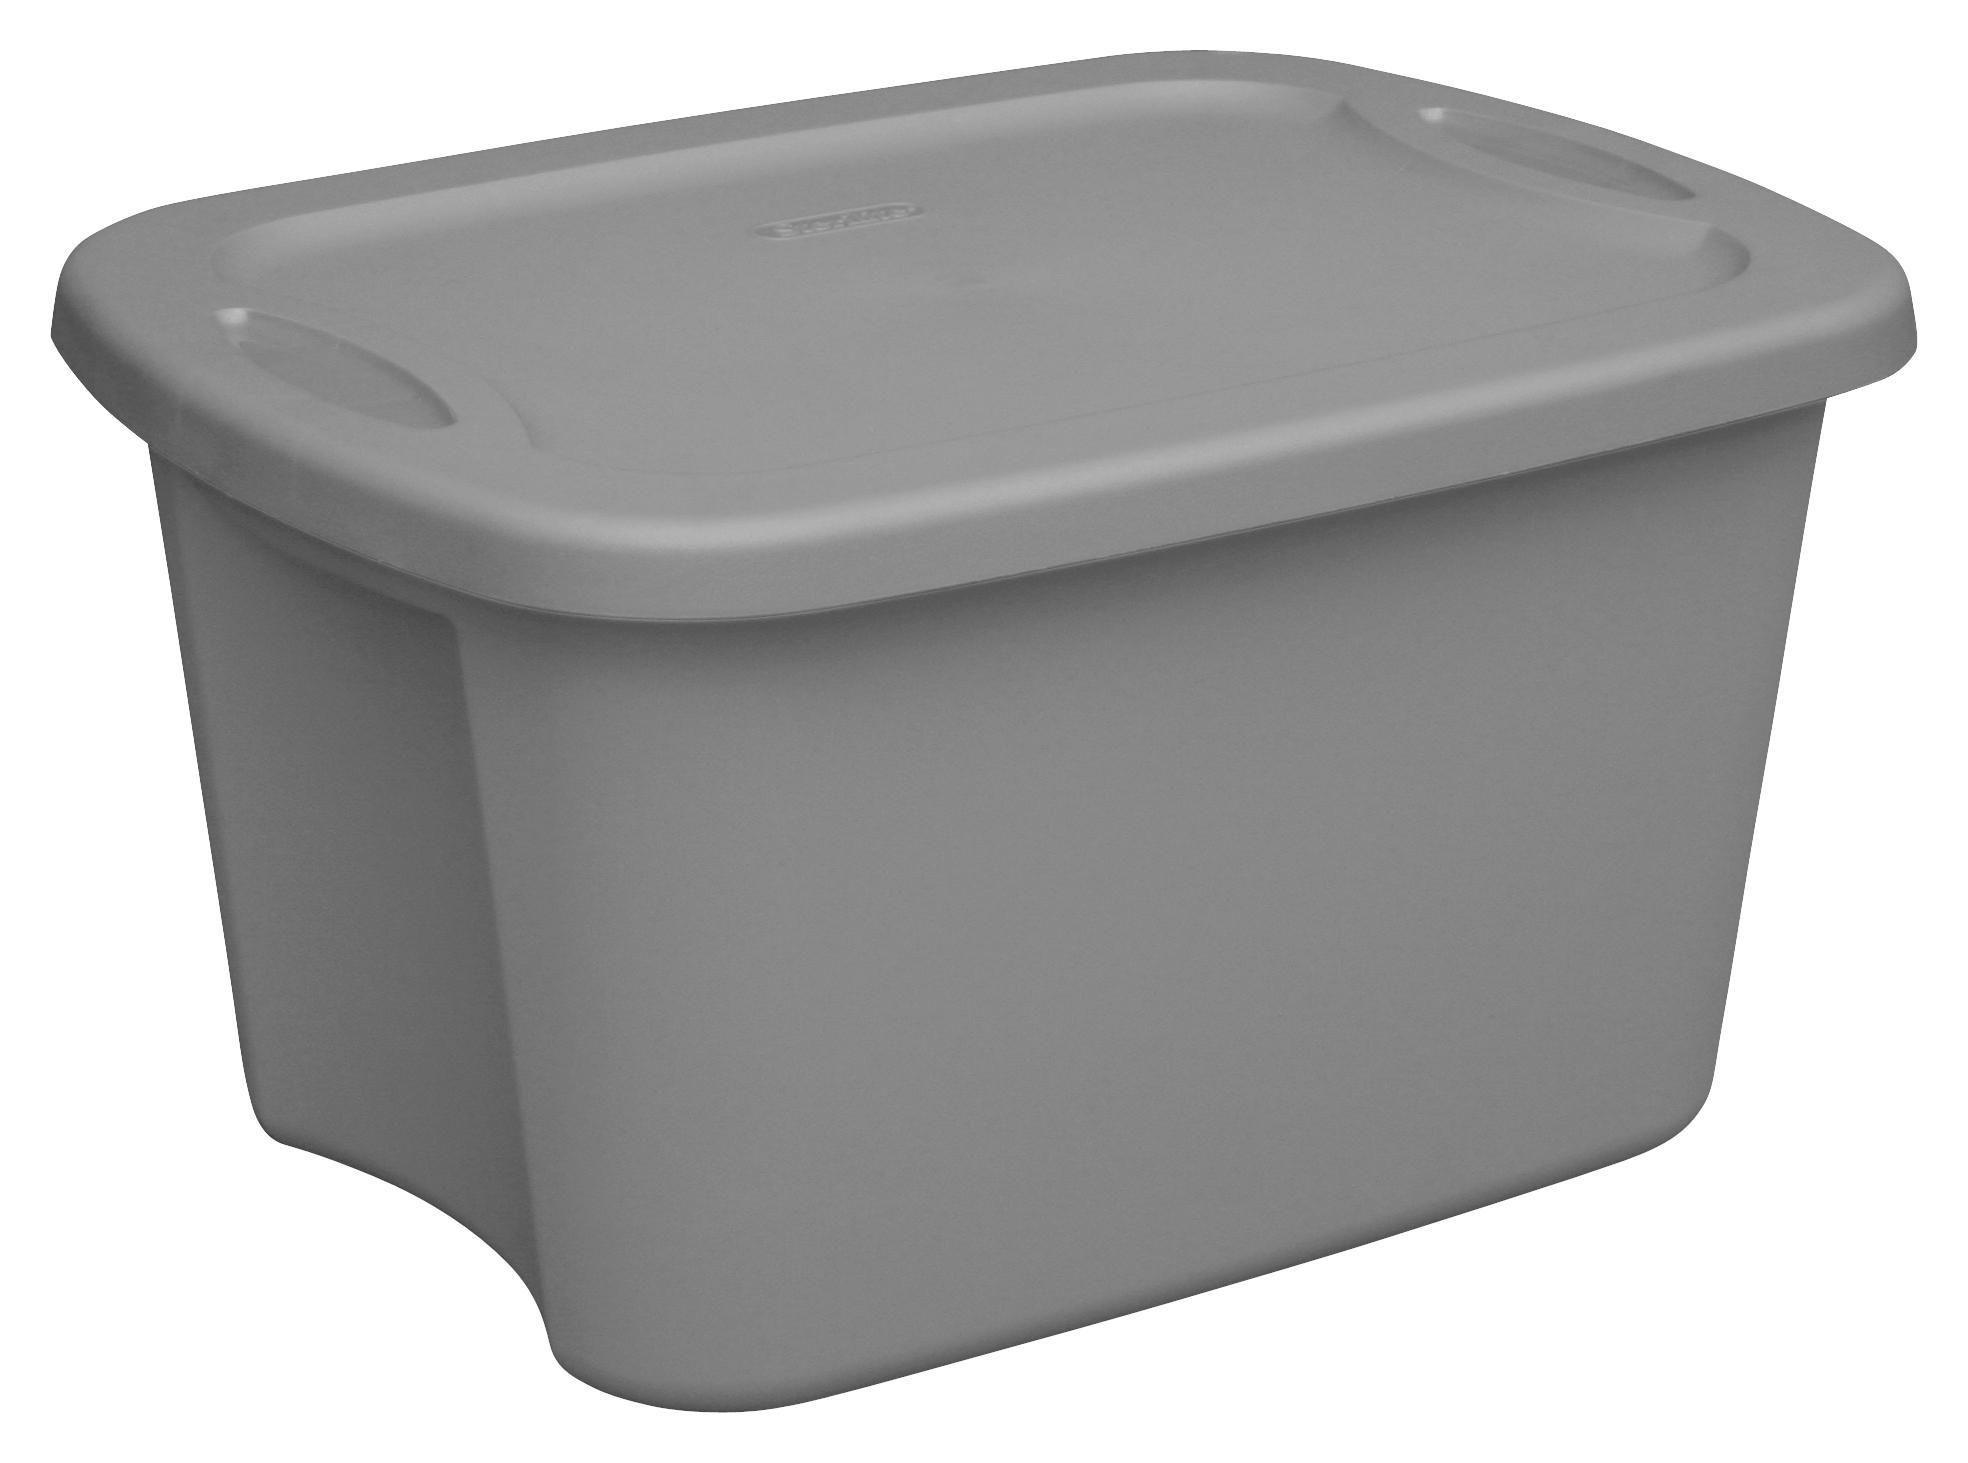 sterilite 19 liter gray tote box - Wreath Storage Box